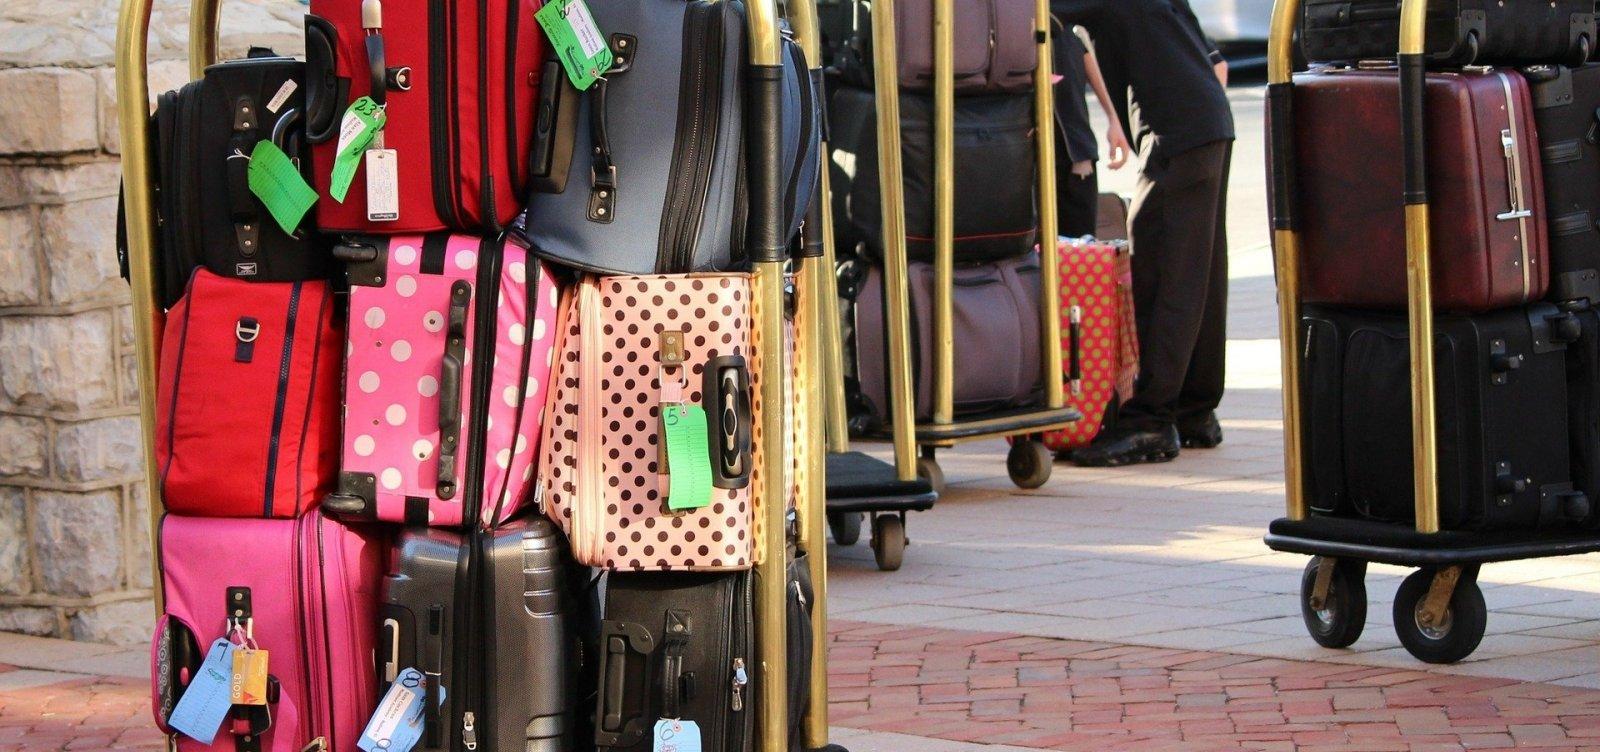 [Gol e Azul afirmam que proibir cobrança pela bagagem vai aumentar preço da passagem aérea]